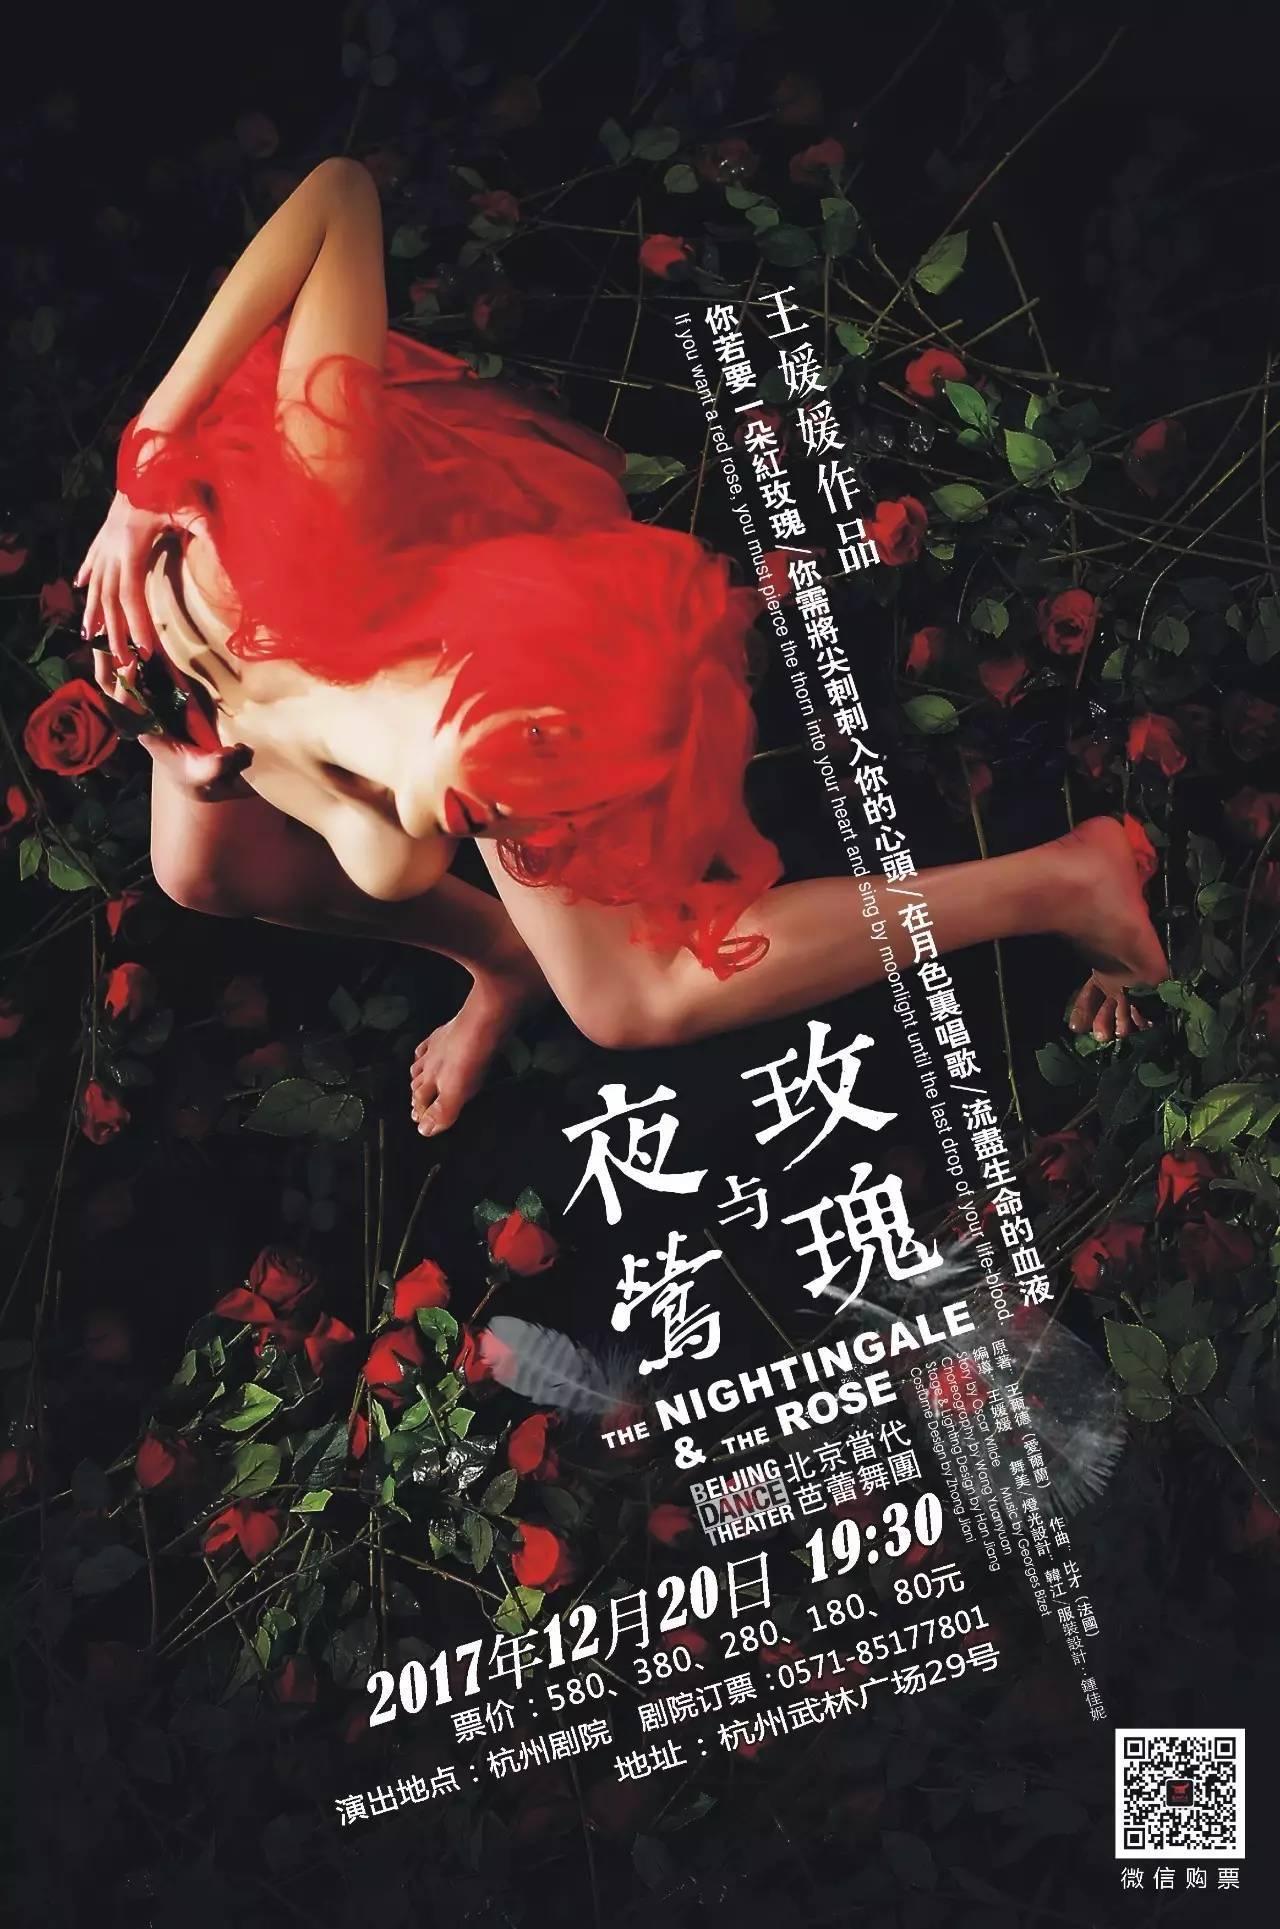 王媛媛作品《夜莺与玫瑰》刺痛你感动你